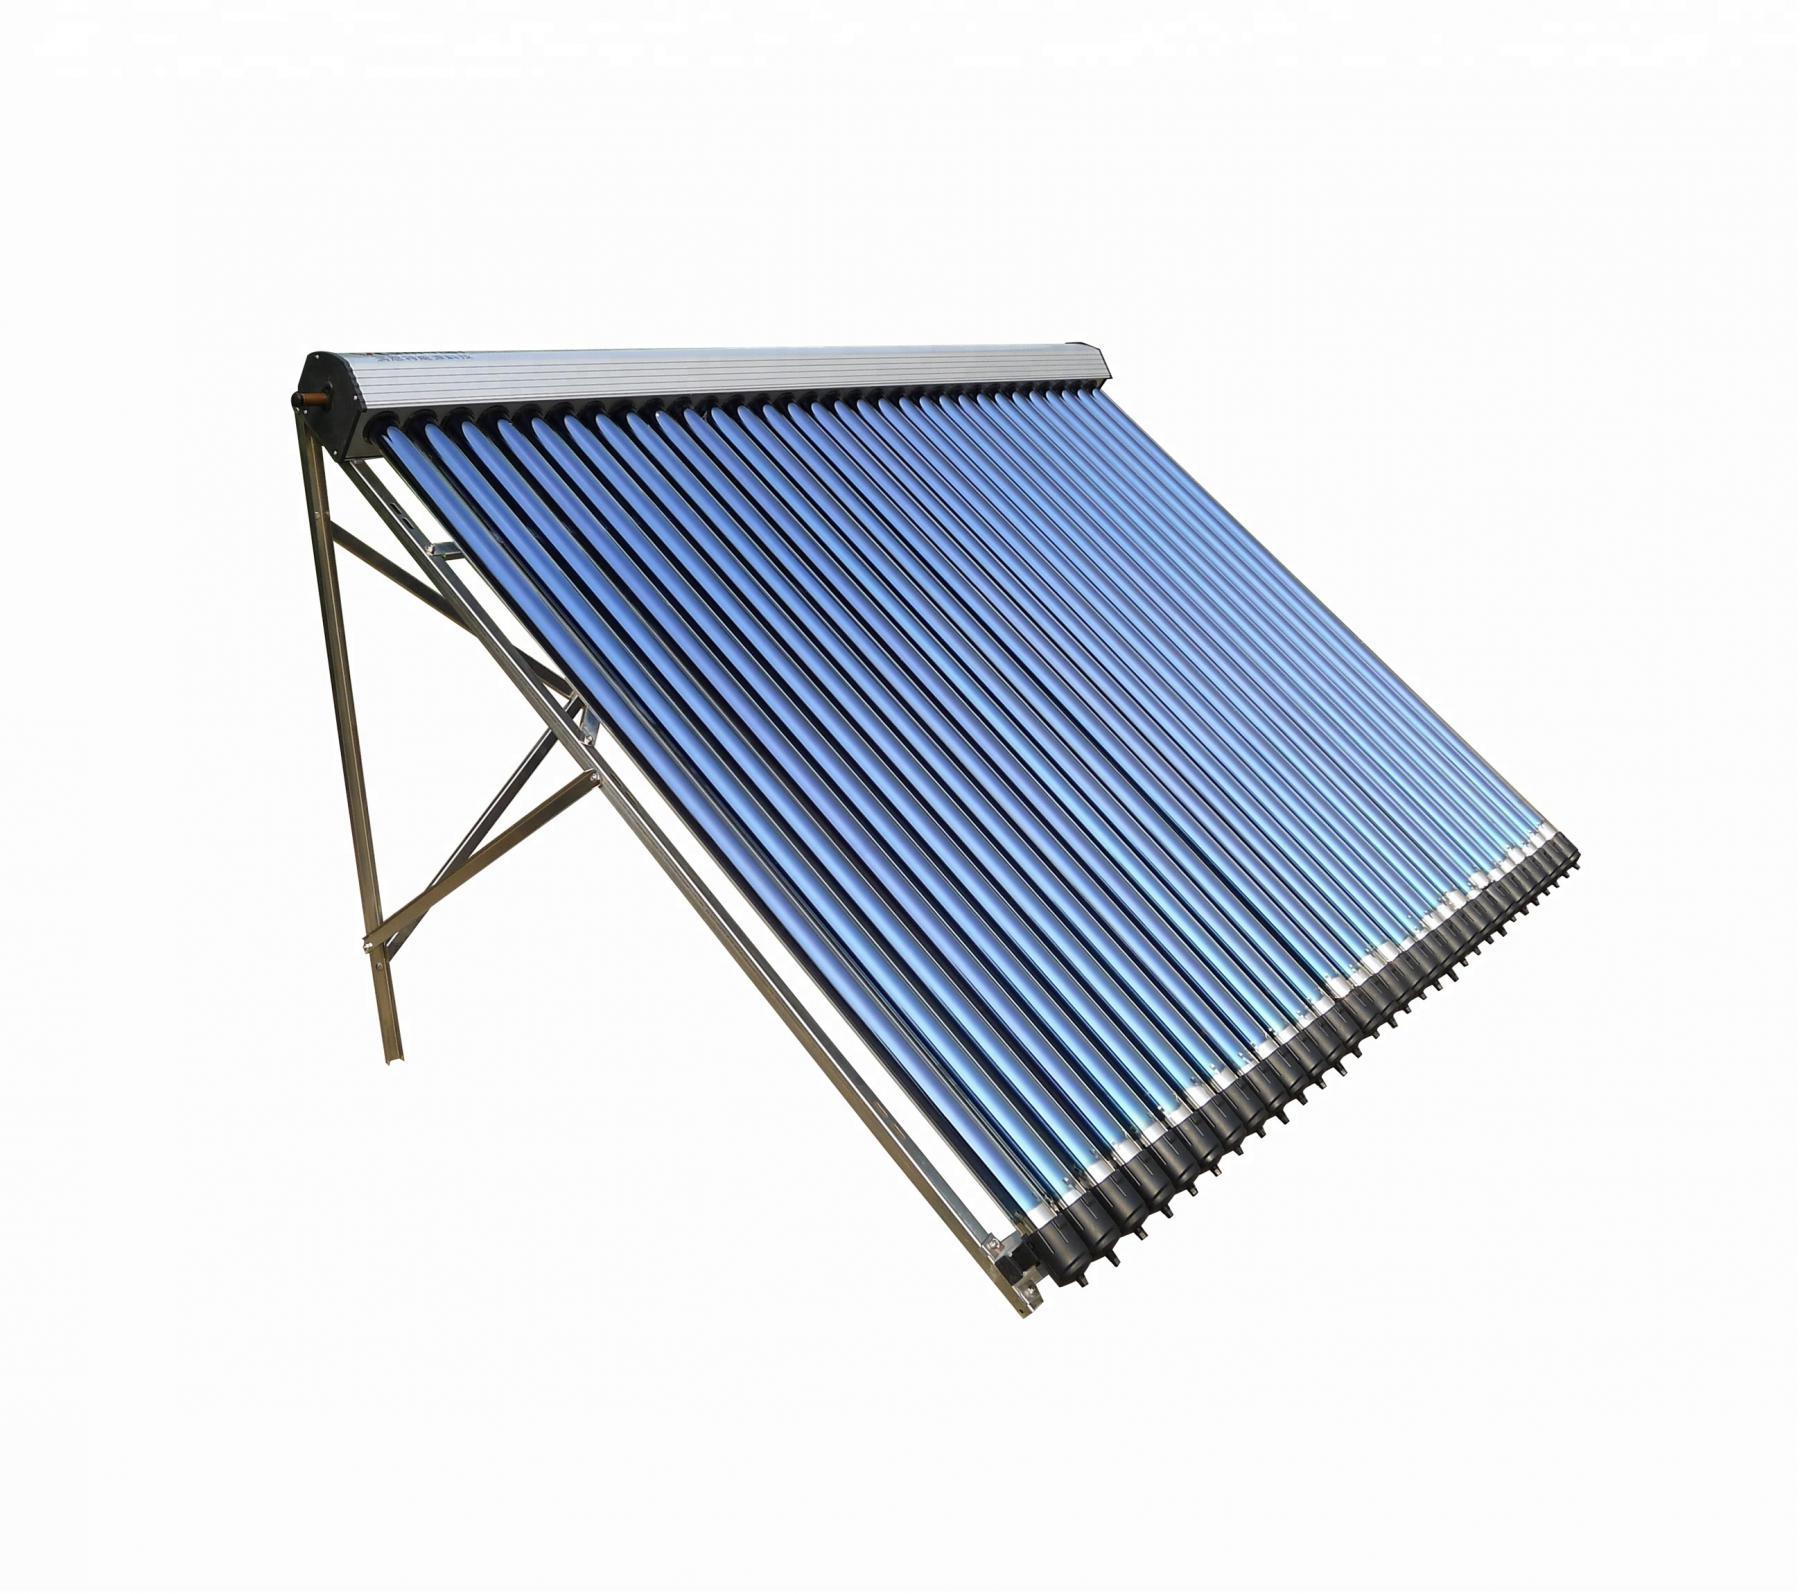 Вакуумный солнечный коллектор с трубками - разновидности, плюсы и минусы